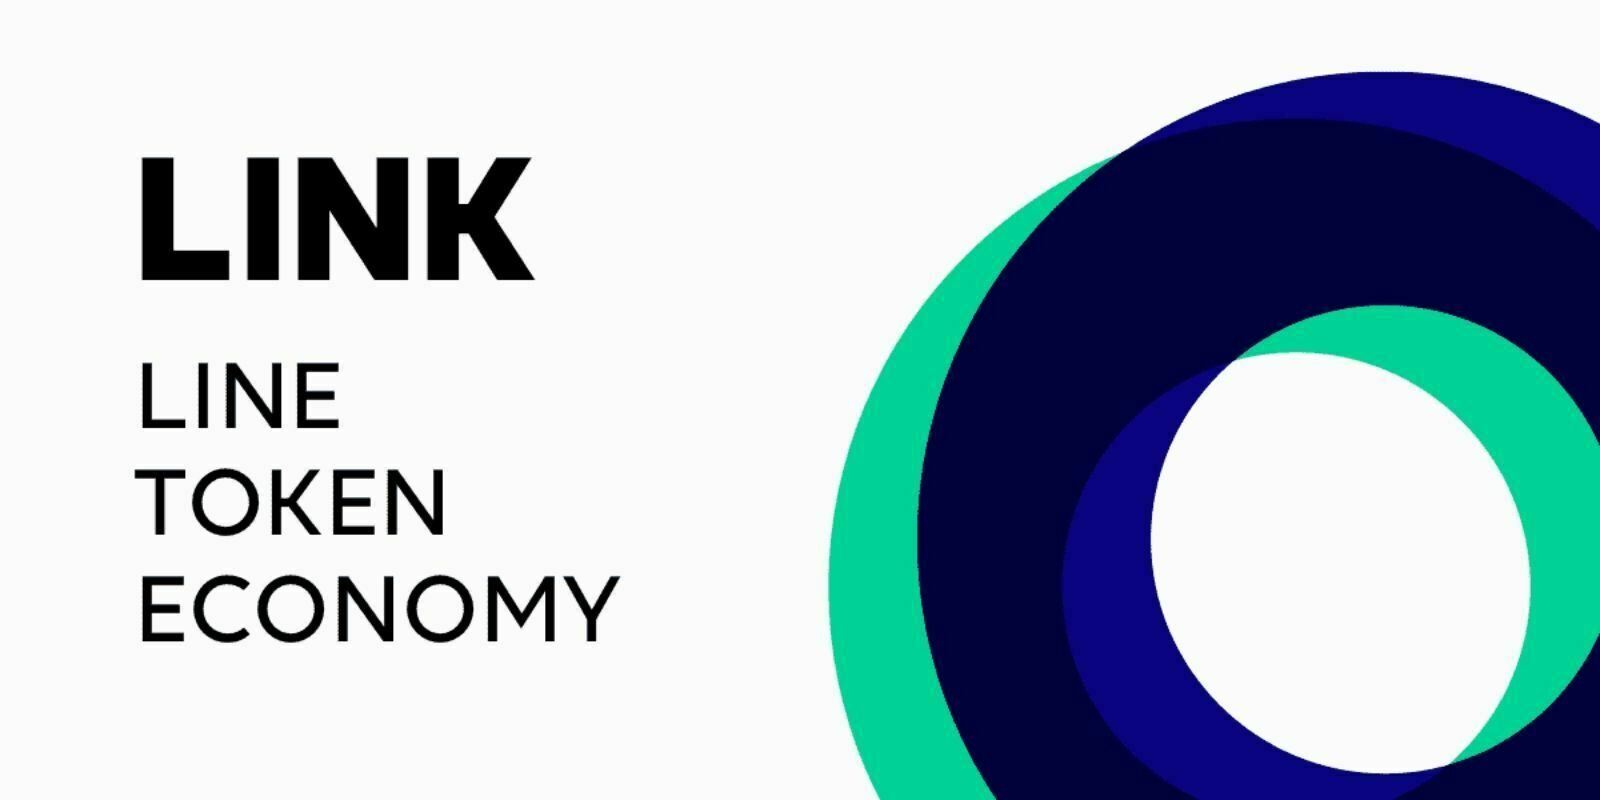 Le géant de la messagerie LINE annonce l'arrivée de son token LINK au Japon